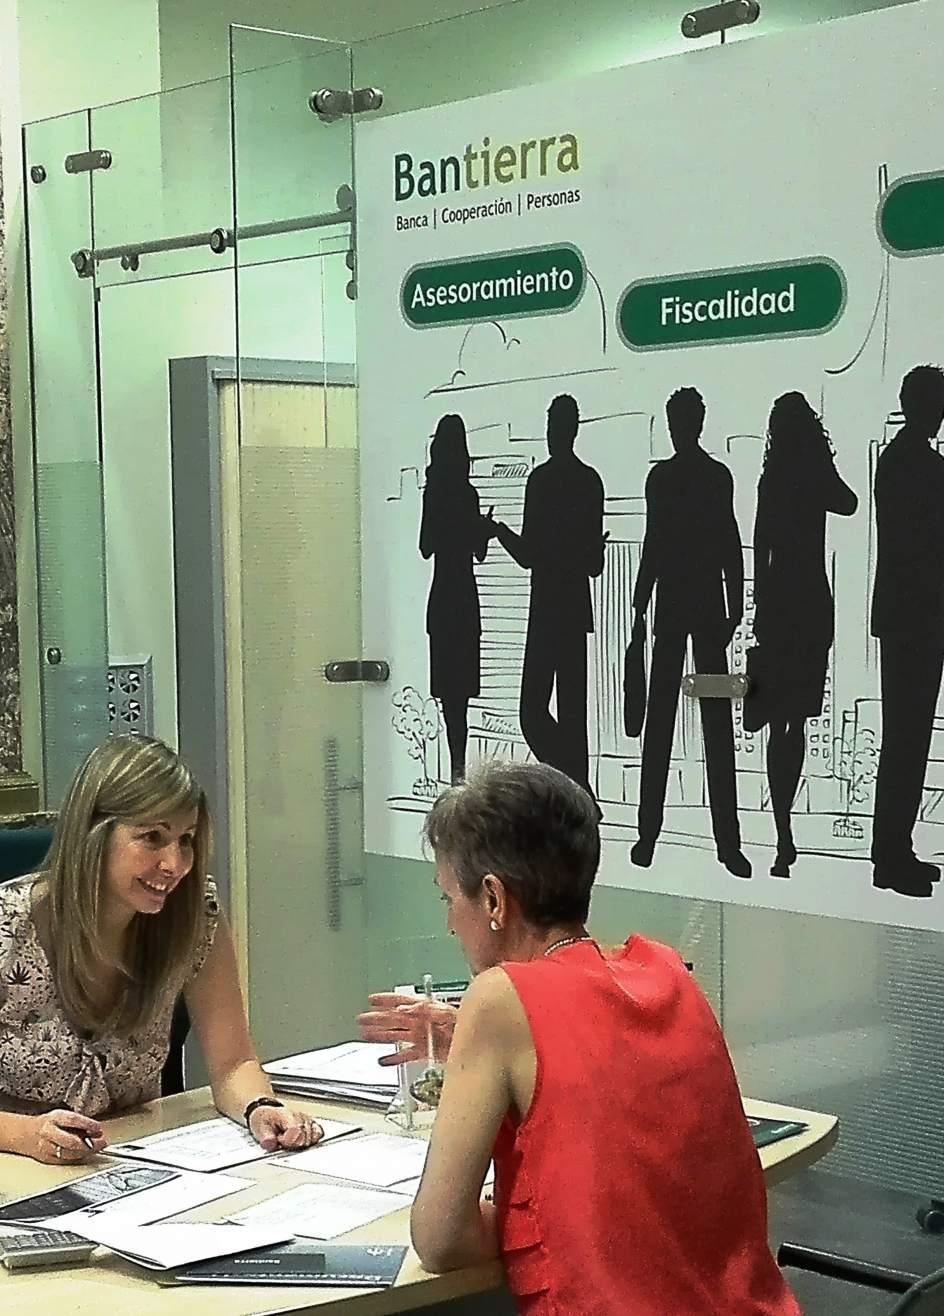 Bantierra pone en marcha nuevos espacios especializados for Pisos bantierra